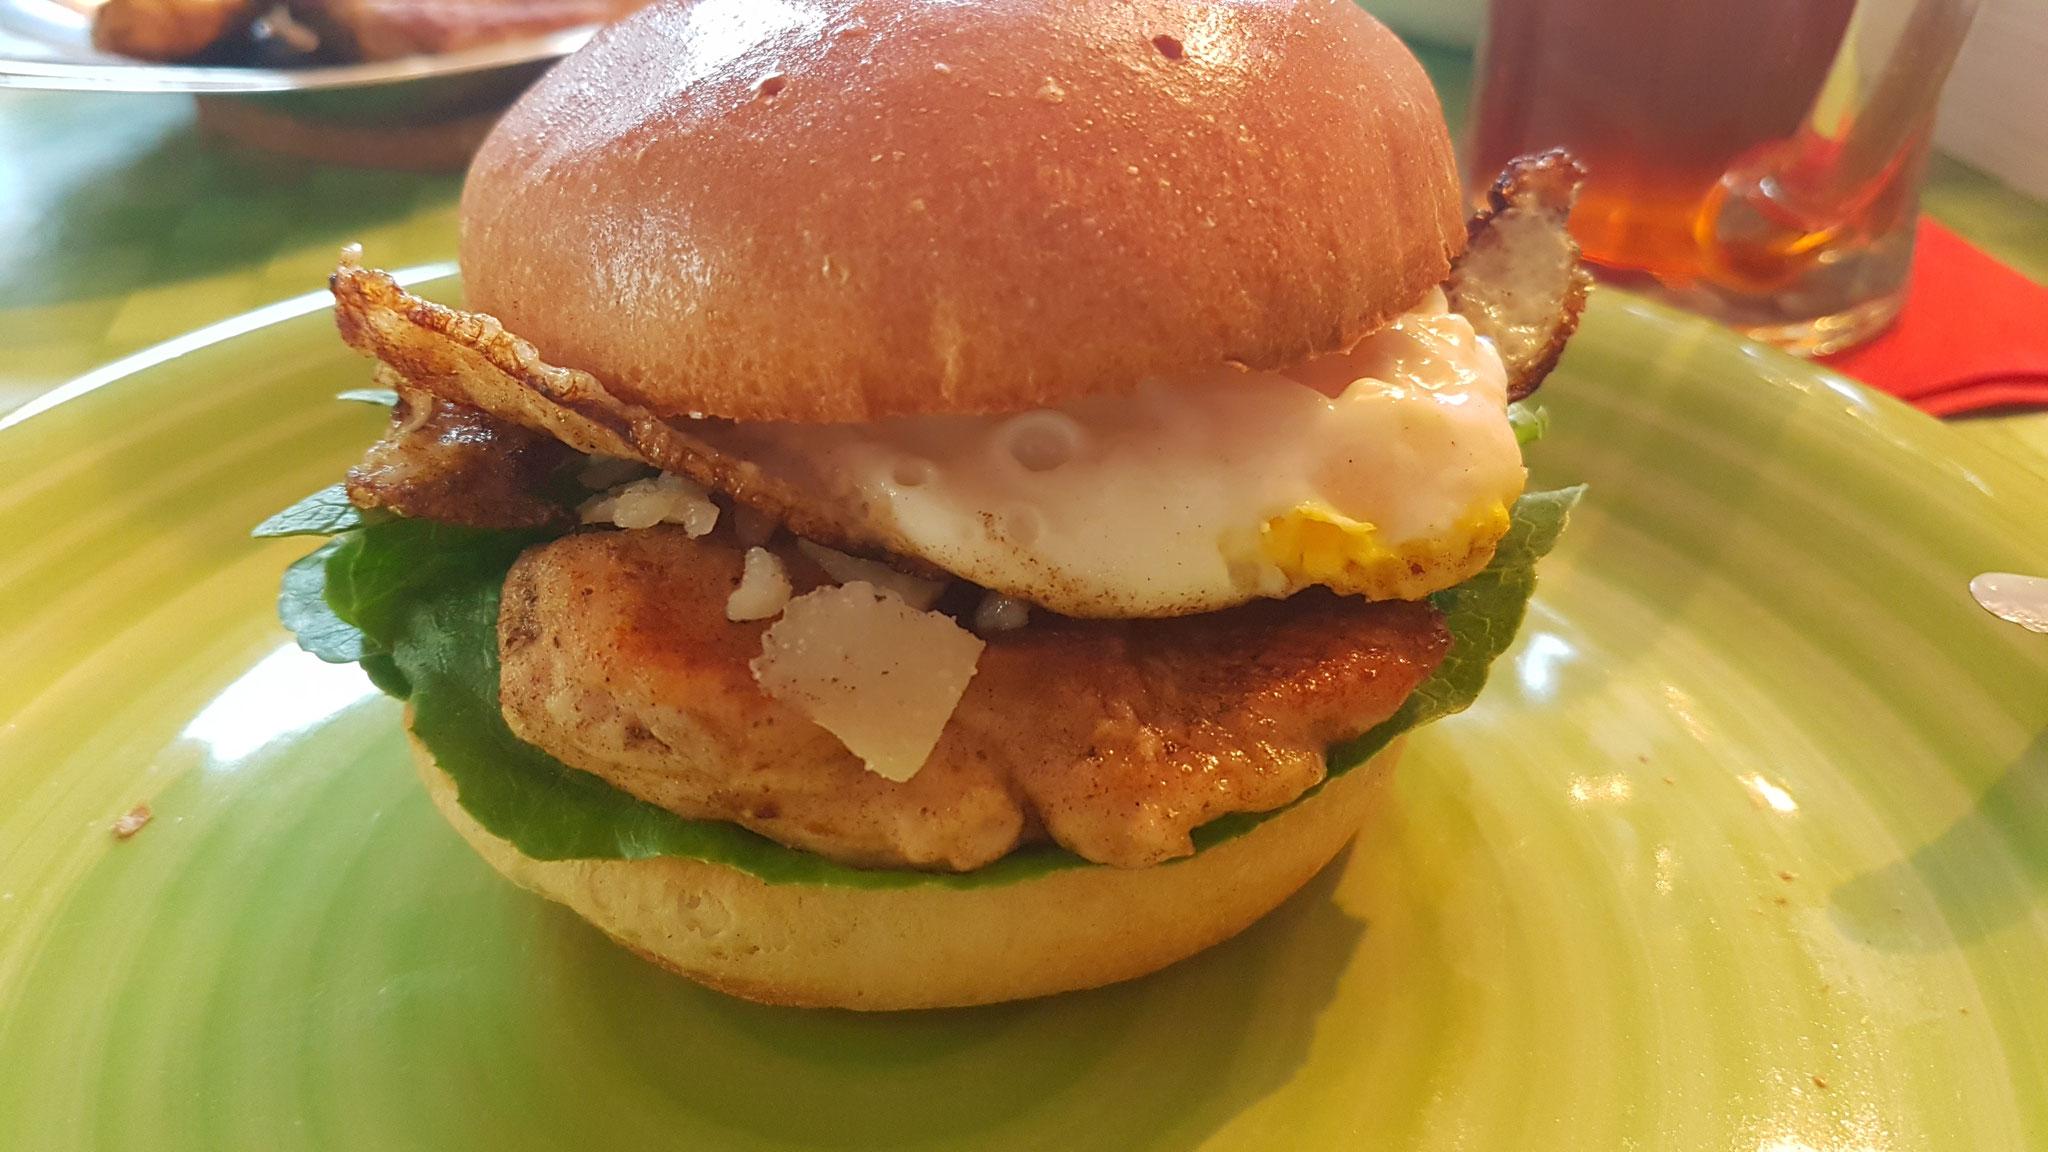 Irgendwie Hab Ichs Mit Burgern 24 7foods Webseite